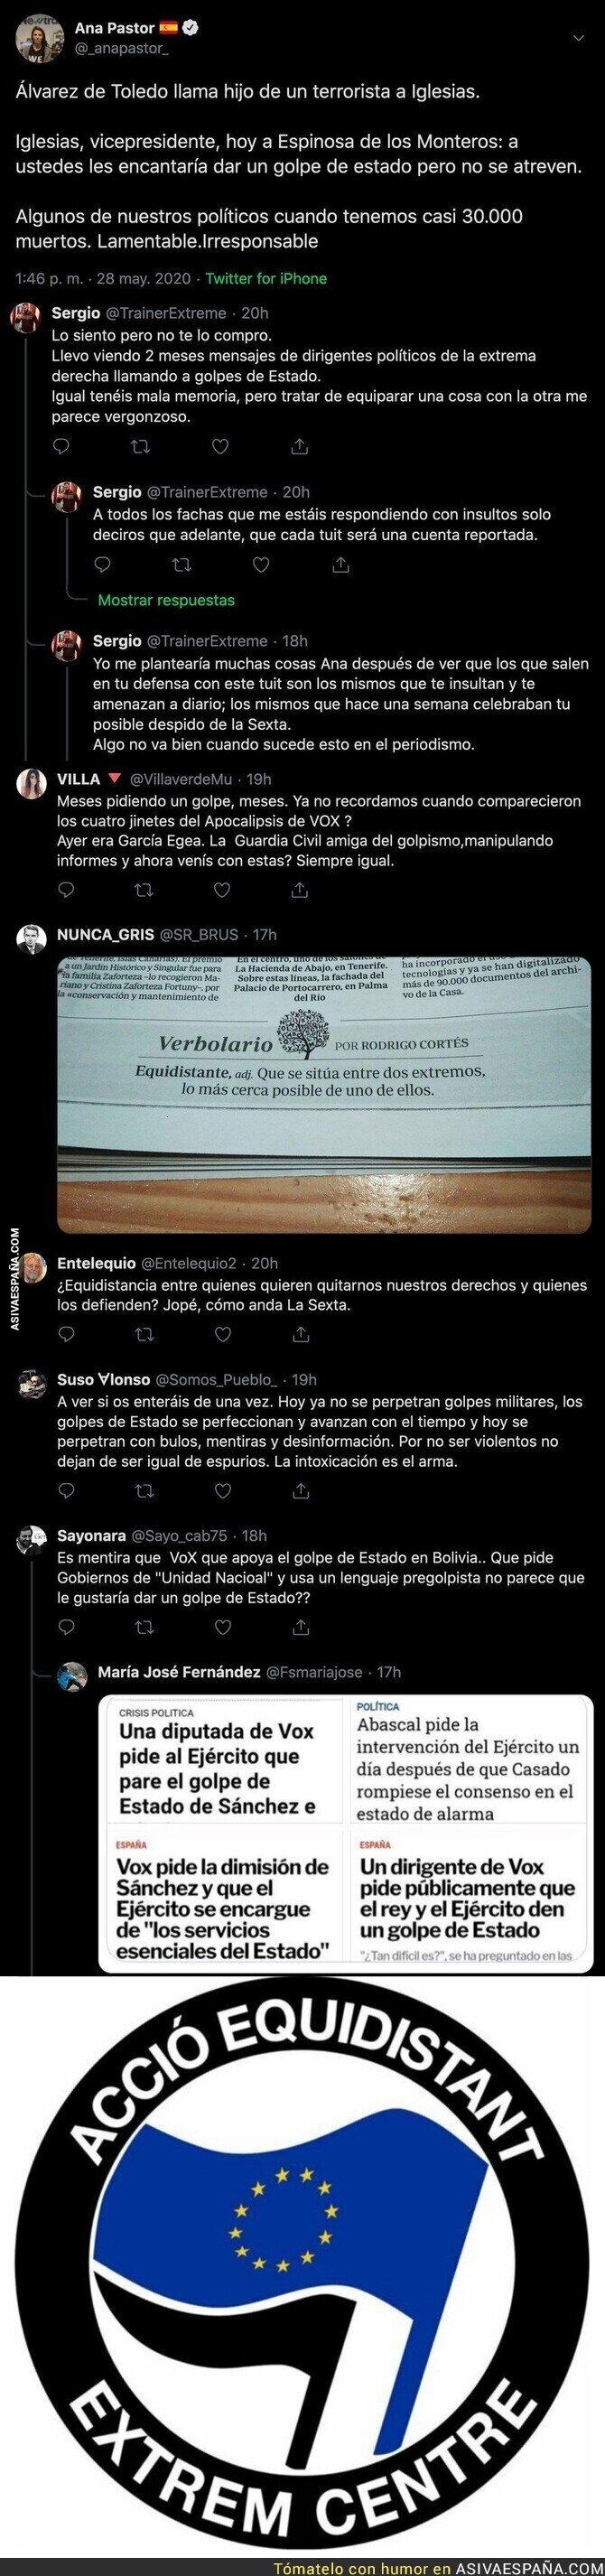 188367 - La periodista Ana Pastor se gana el aplauso de los votantes de VOX con este mensaje equidistante total